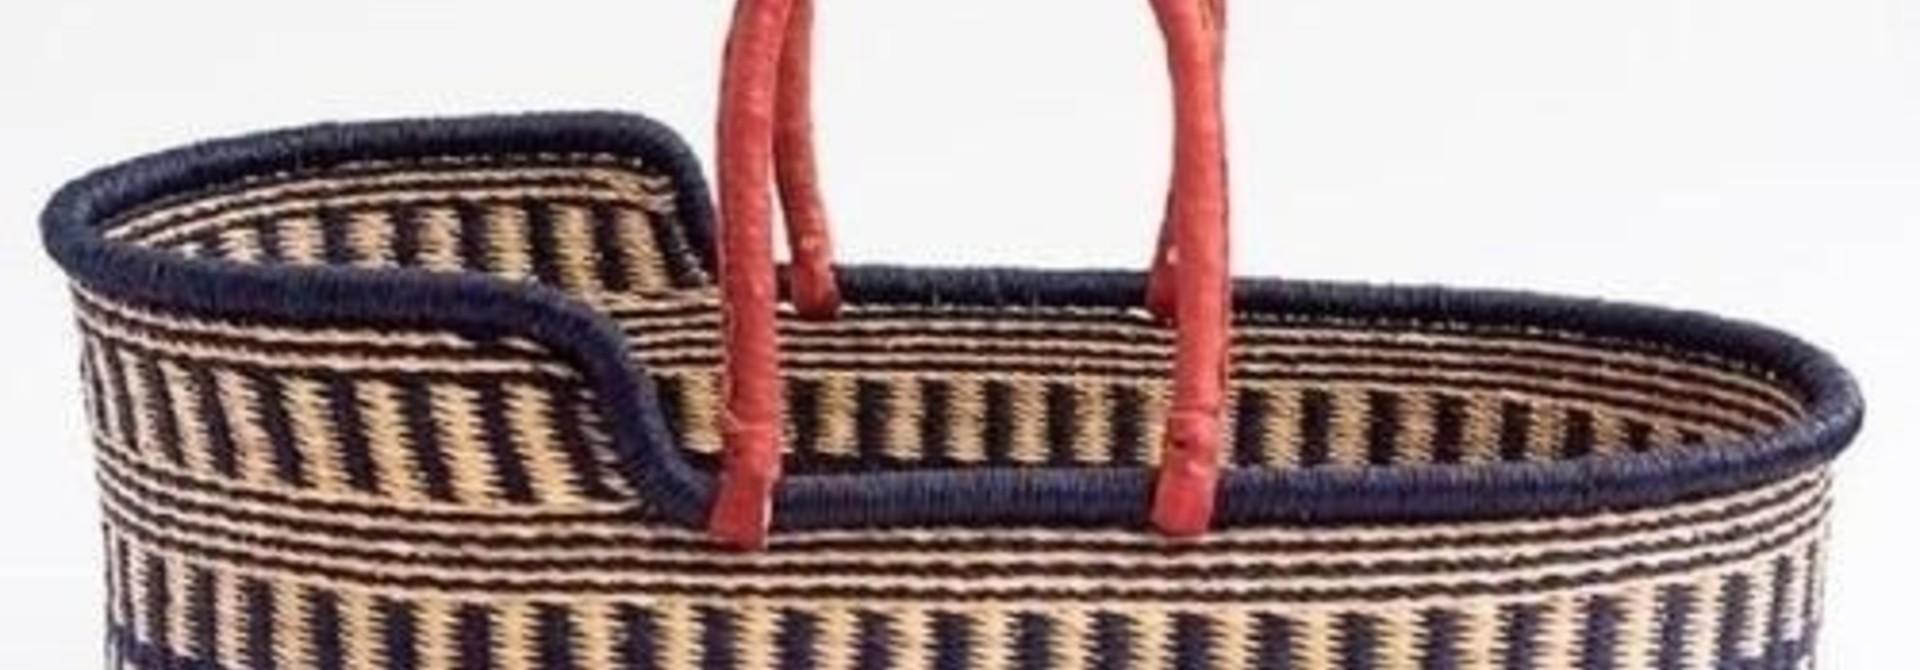 Bolga Moses basket - Ghana